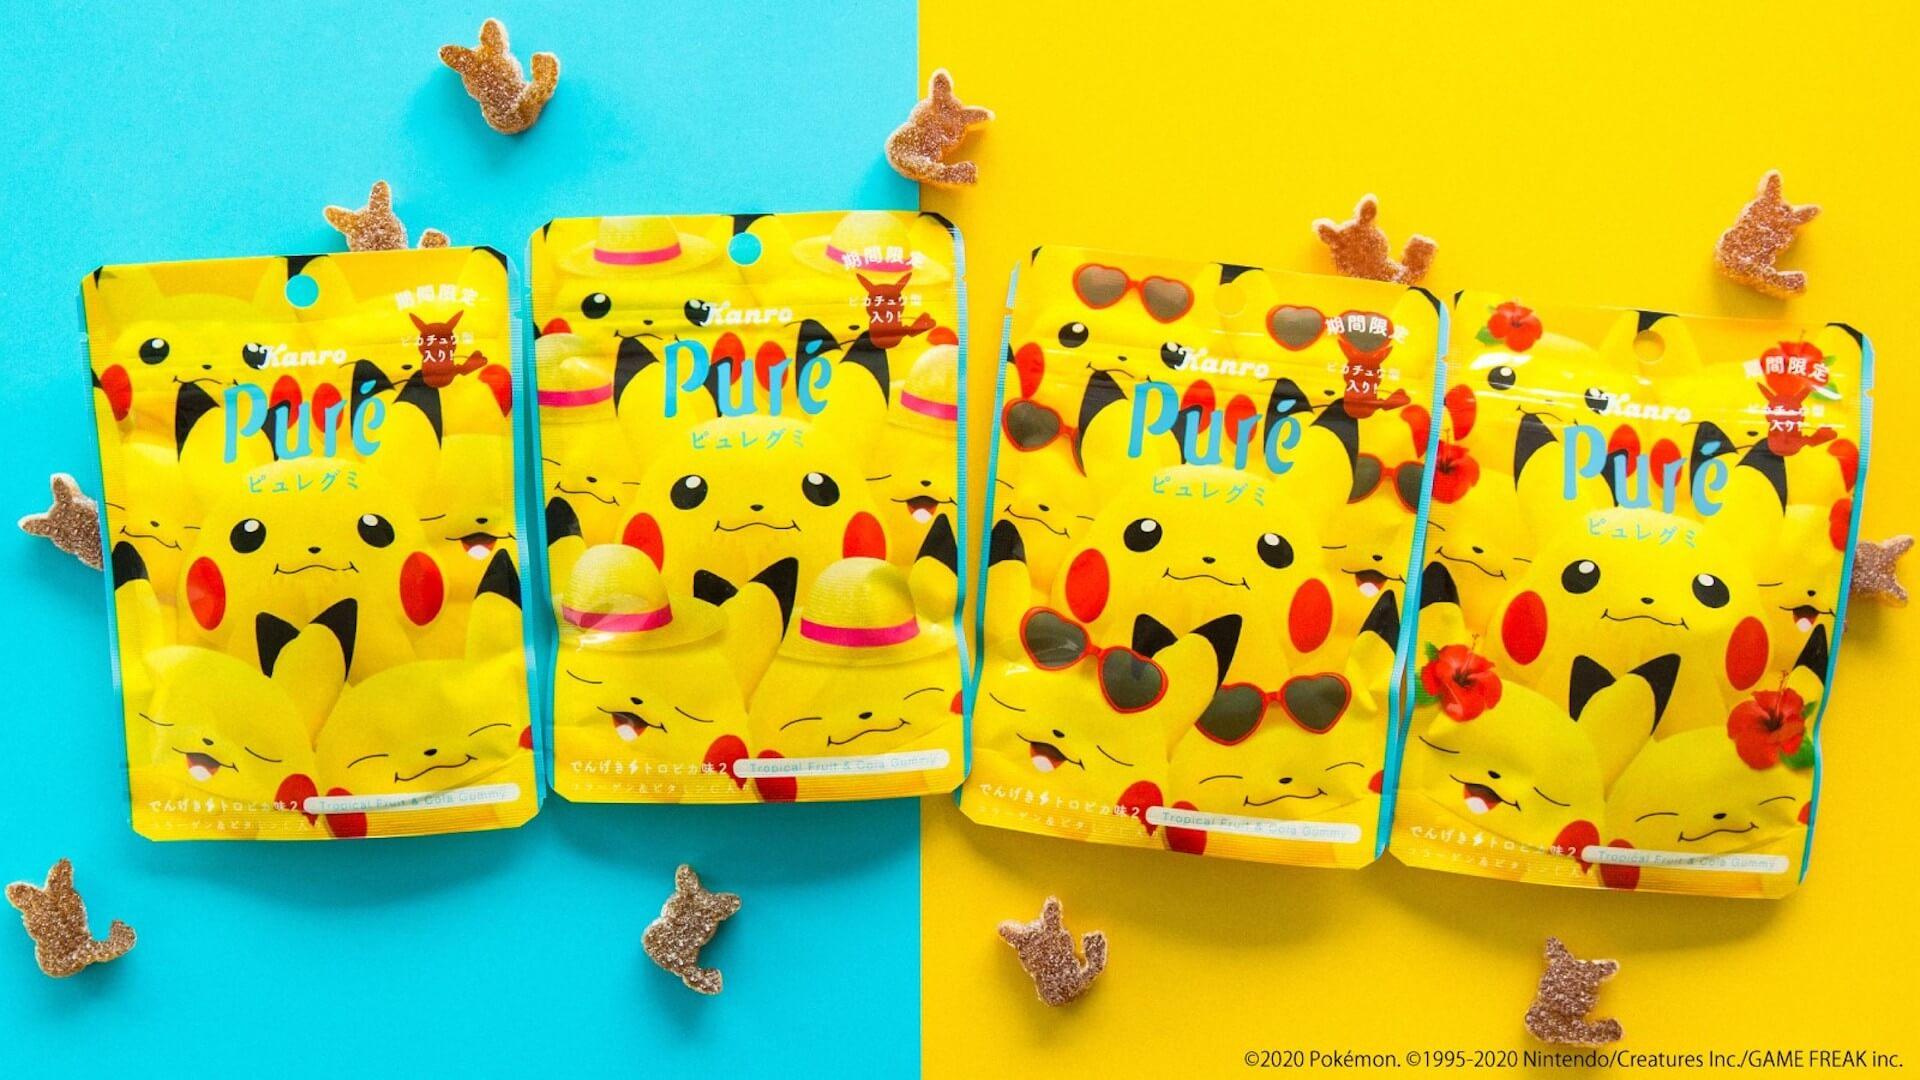 超キュートなピカチュウのグミがたくさん!大好評の「ピカチュウ ピュレグミ」第2弾が数量限定発売 gourmet200714_pure_pikachu_8